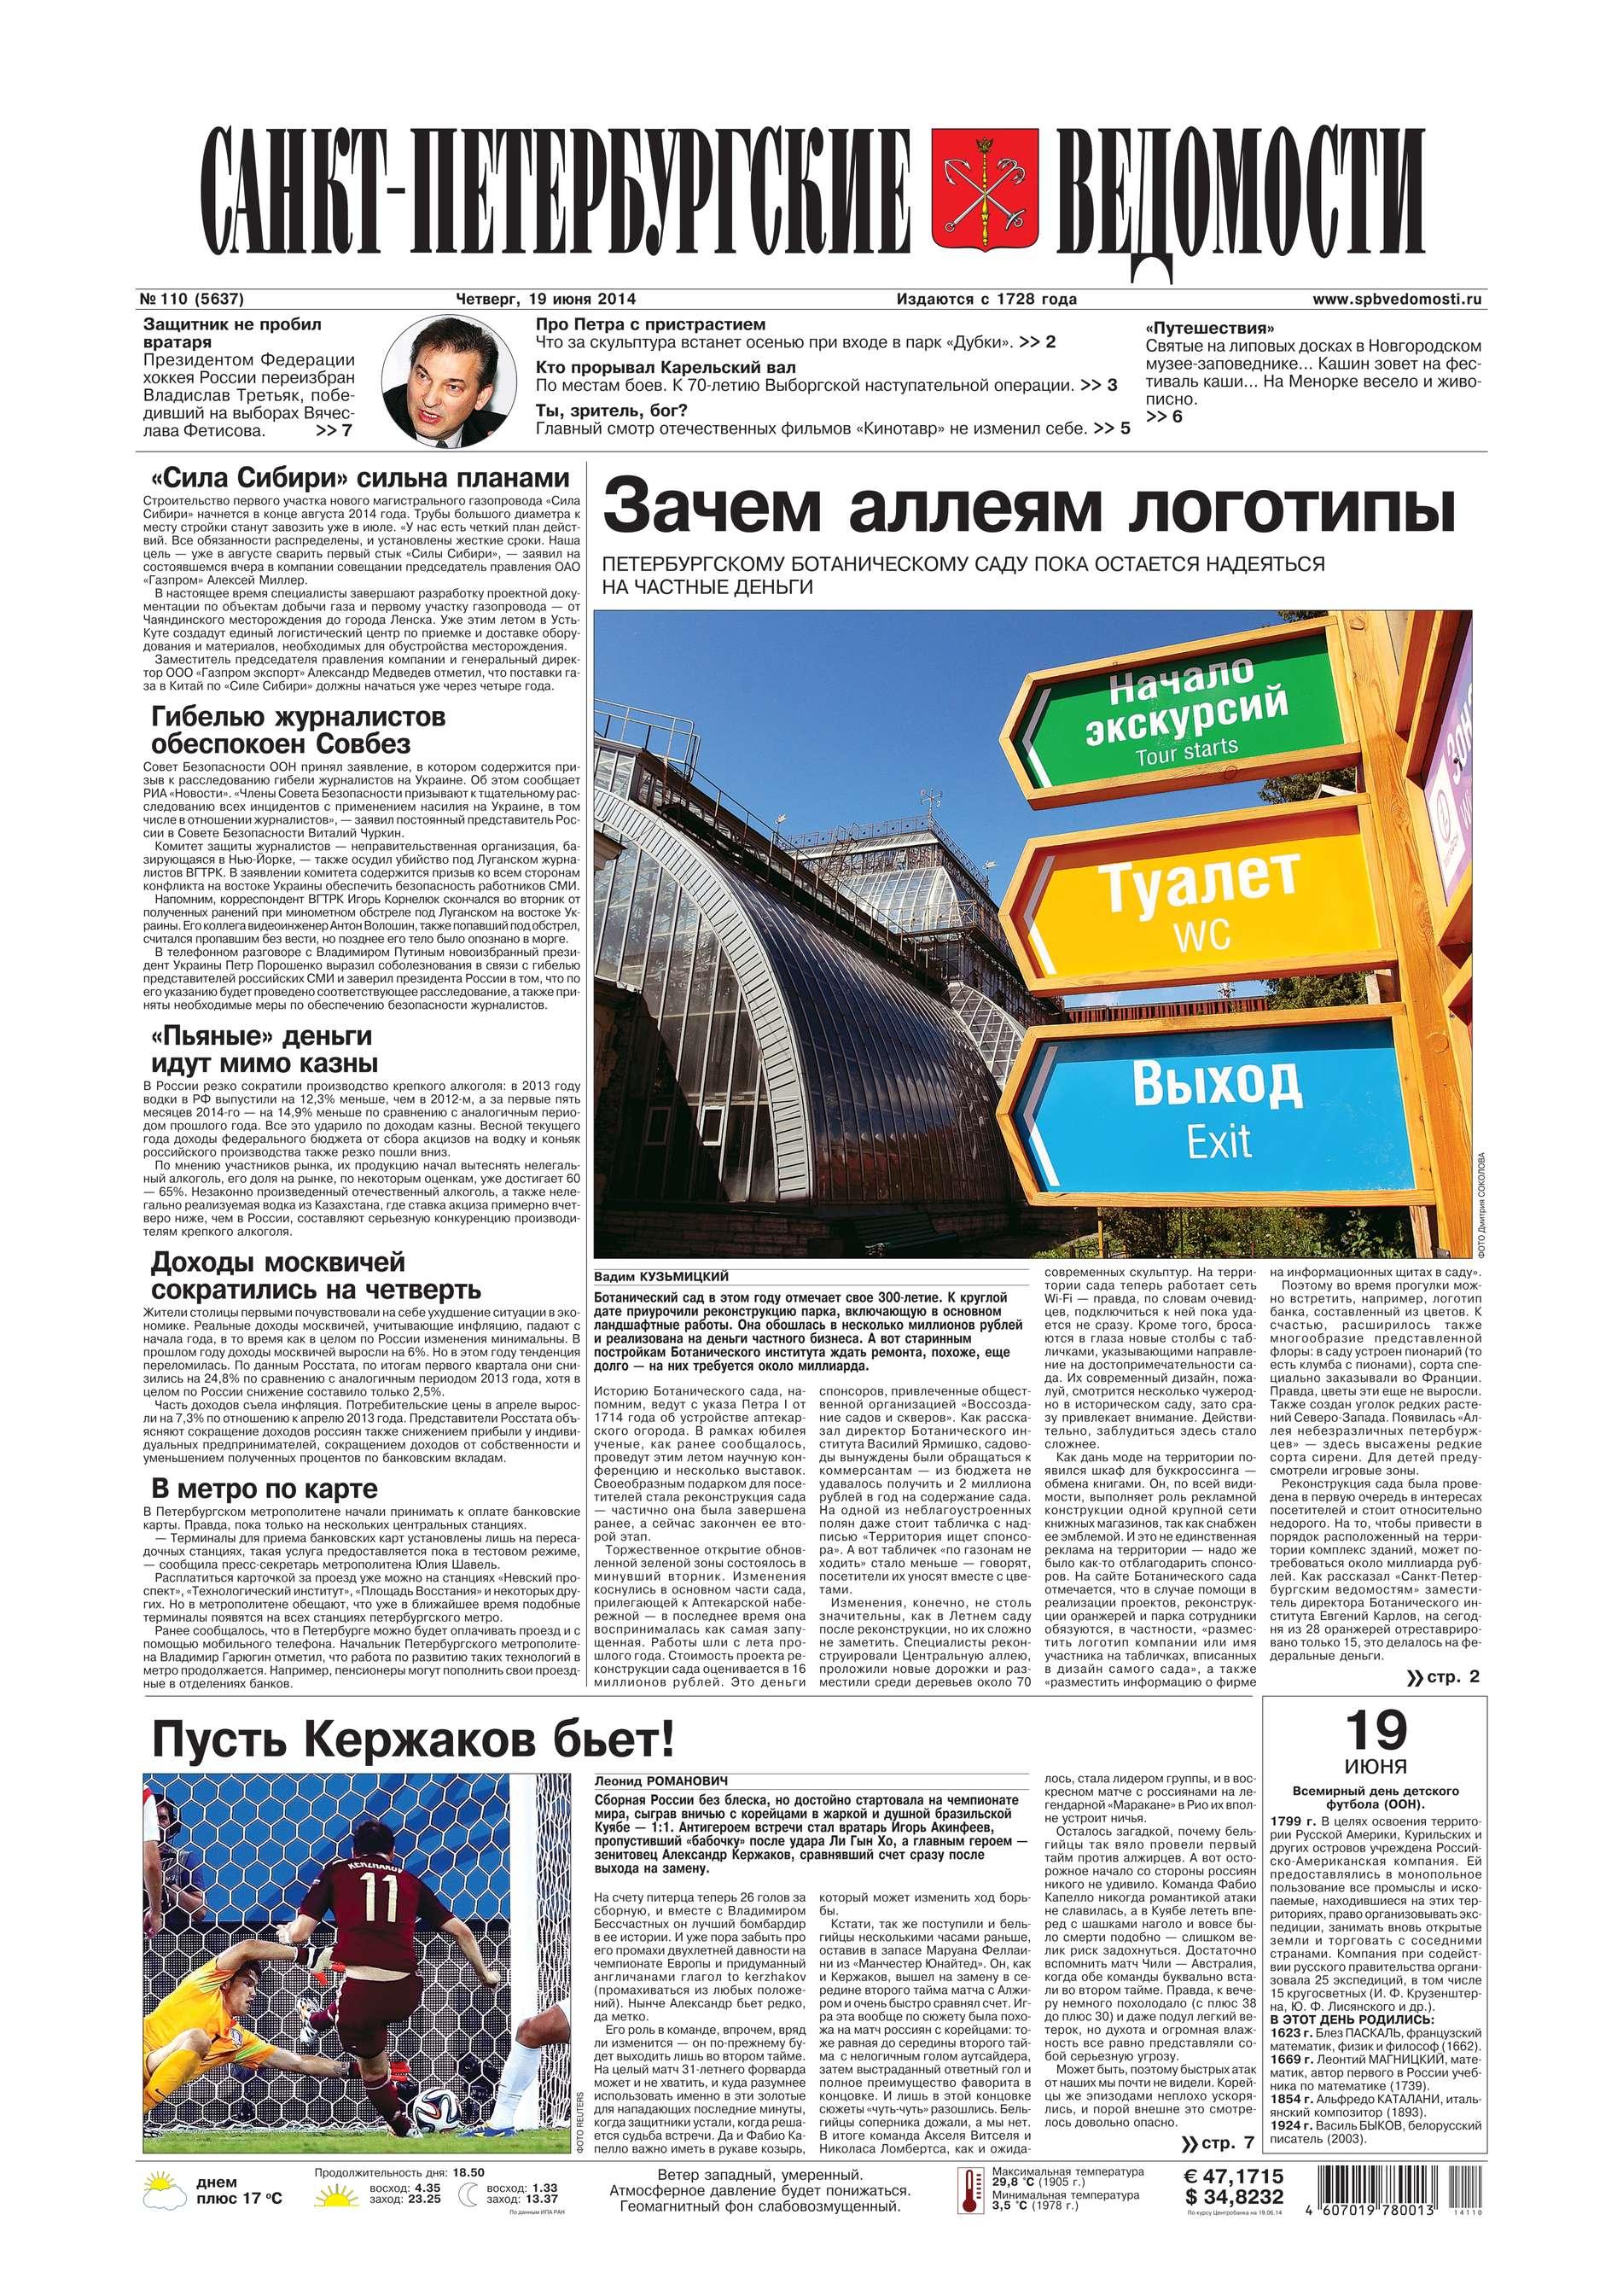 Санкт-Петербургские ведомости 110-2014